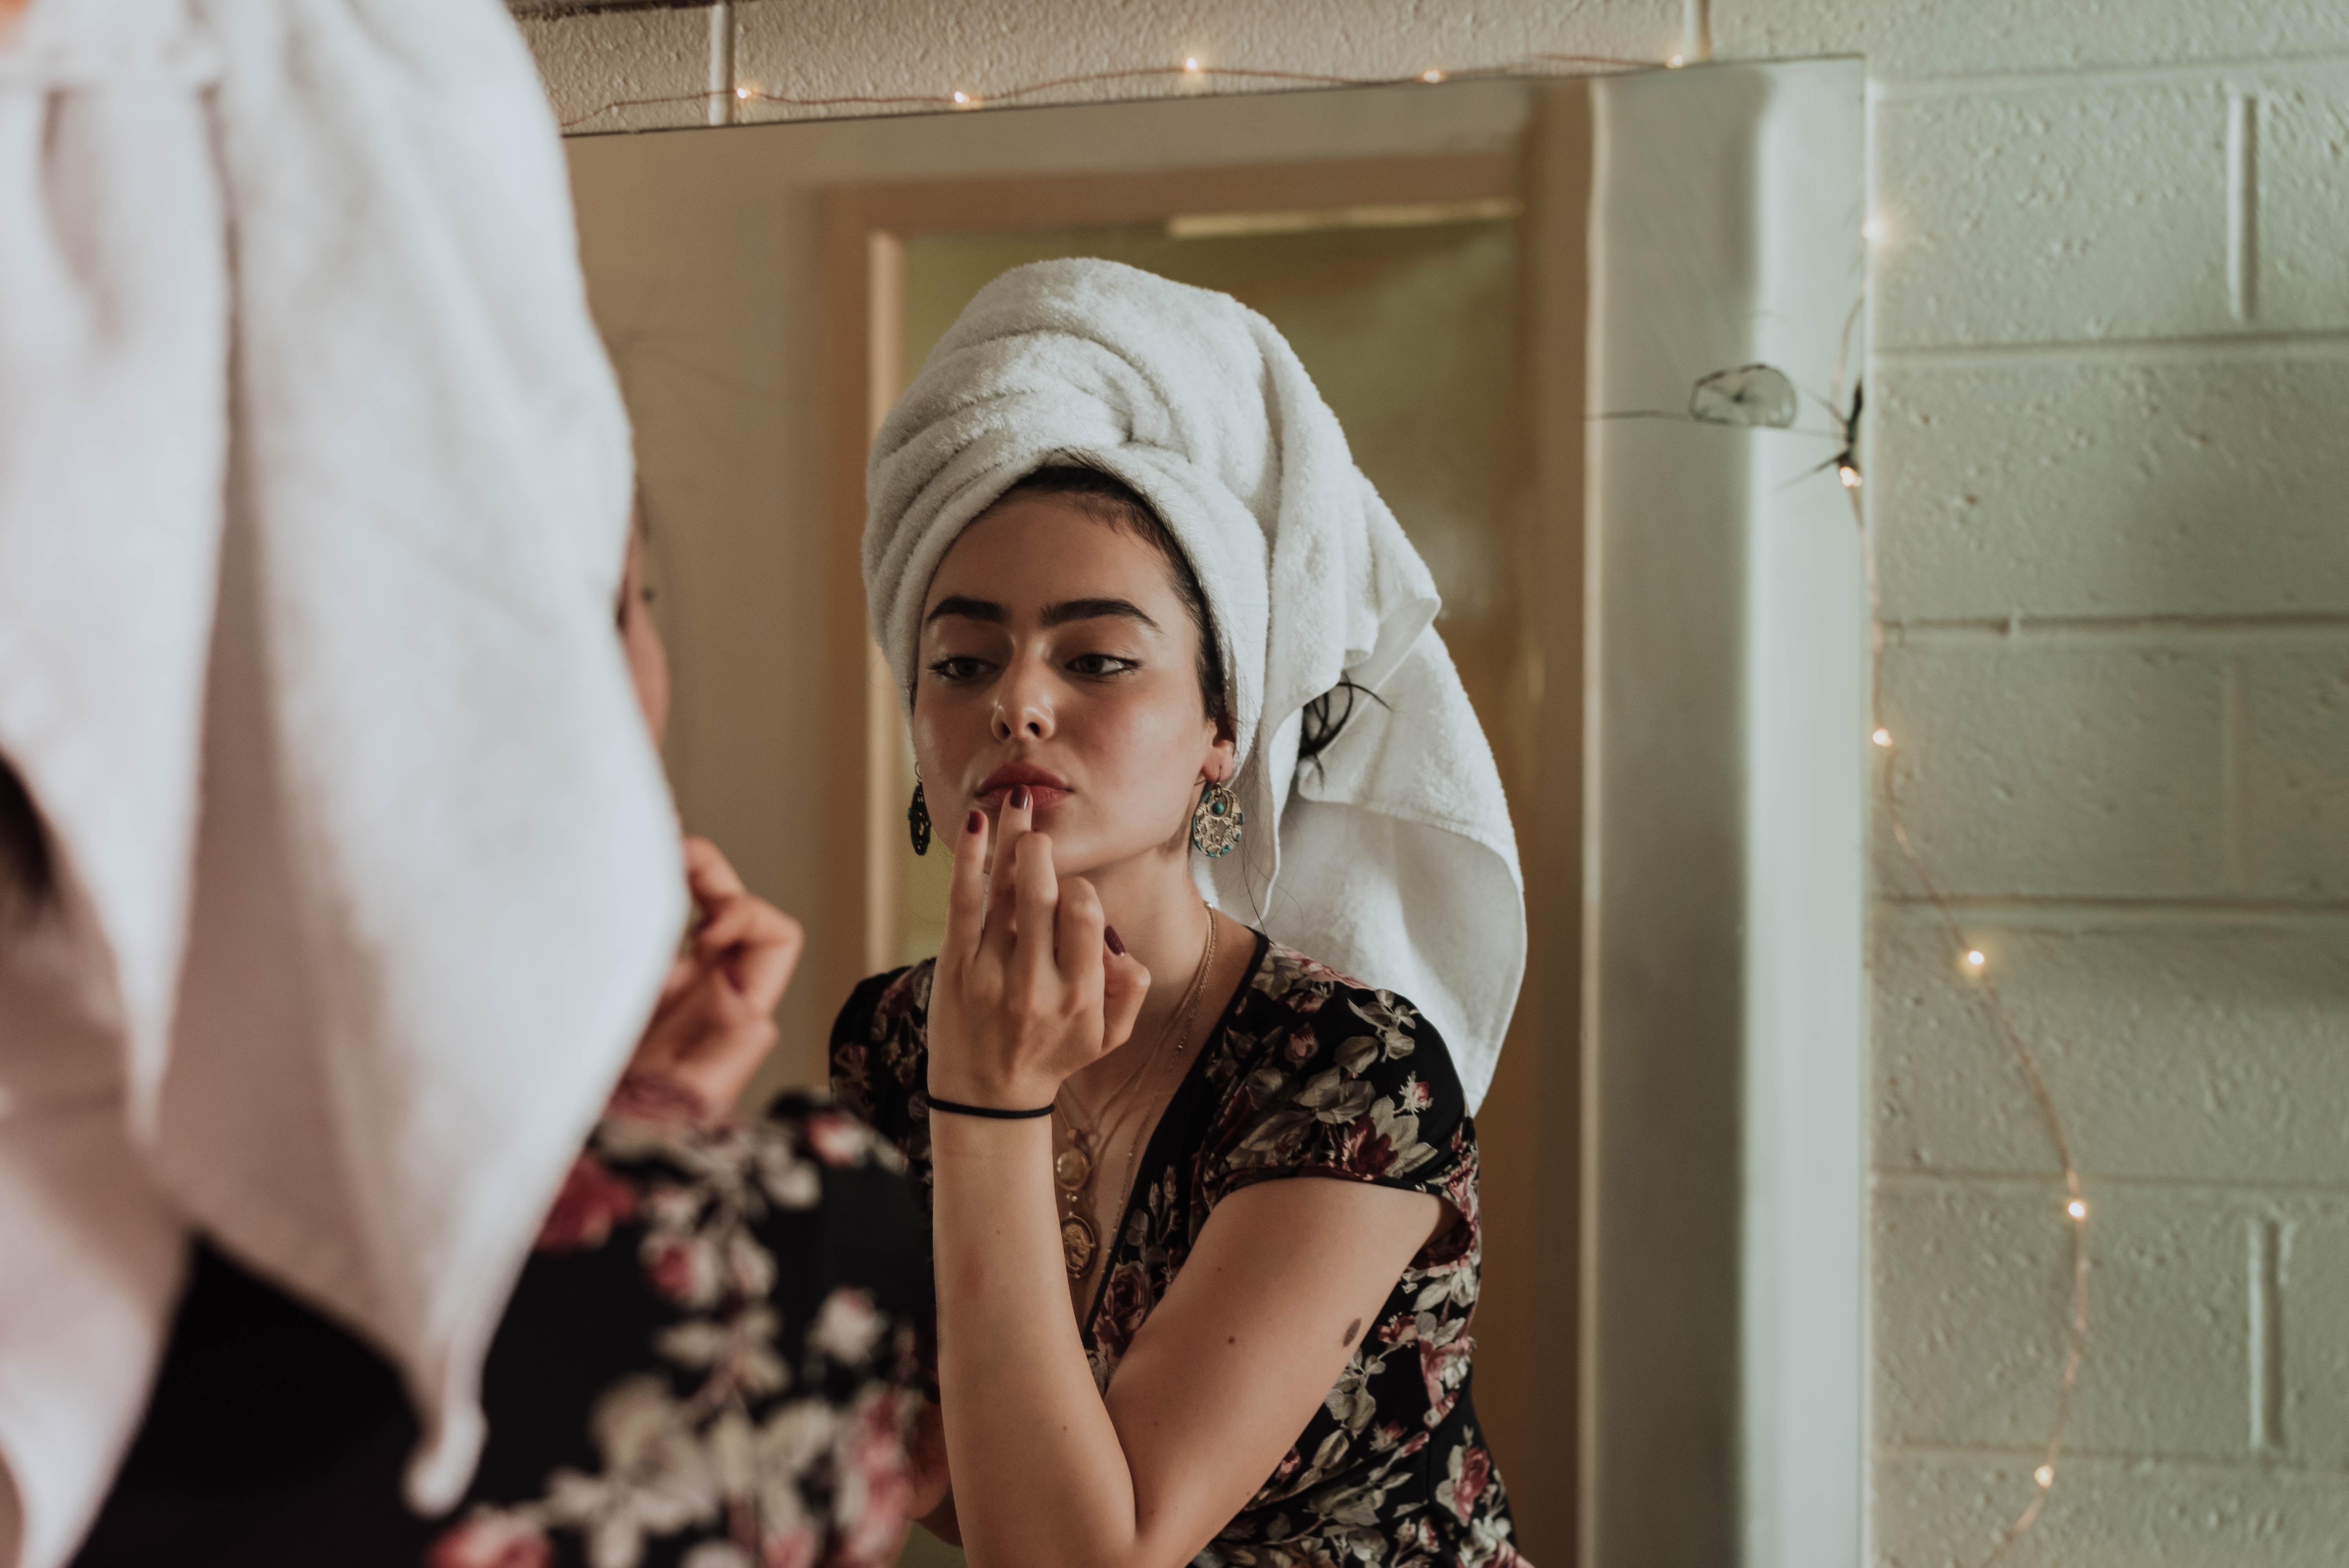 First serum cô gái quấn khăn tắm soi gương